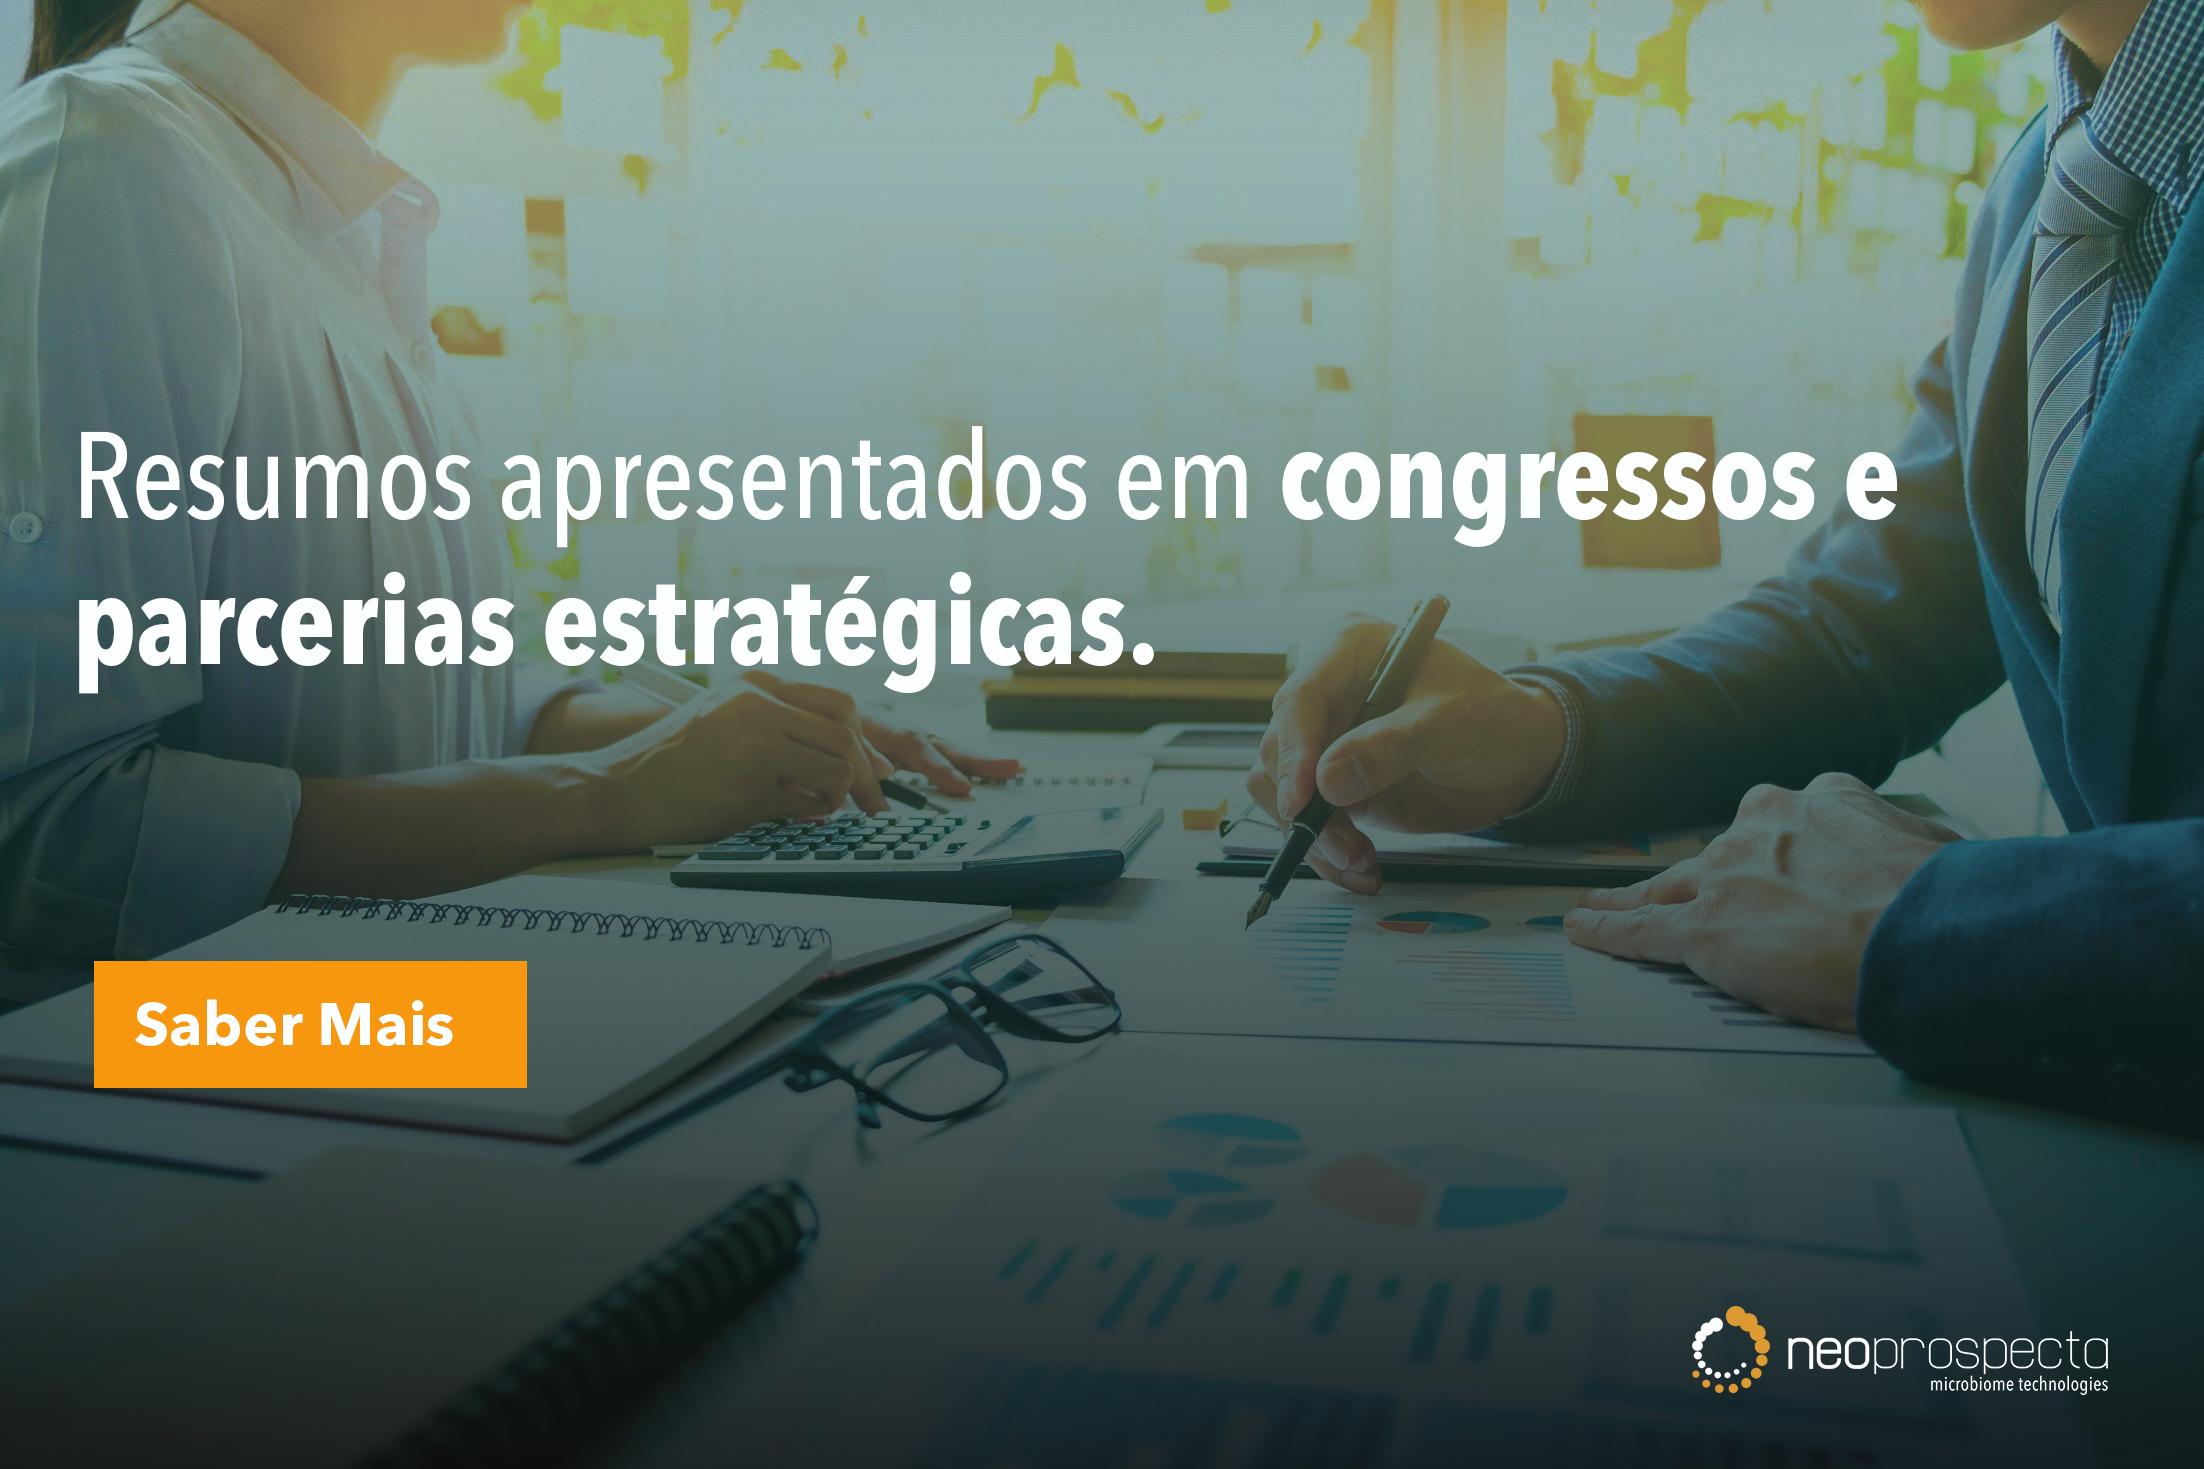 Resumos apresentados em congressos e parcerias estratégicas.